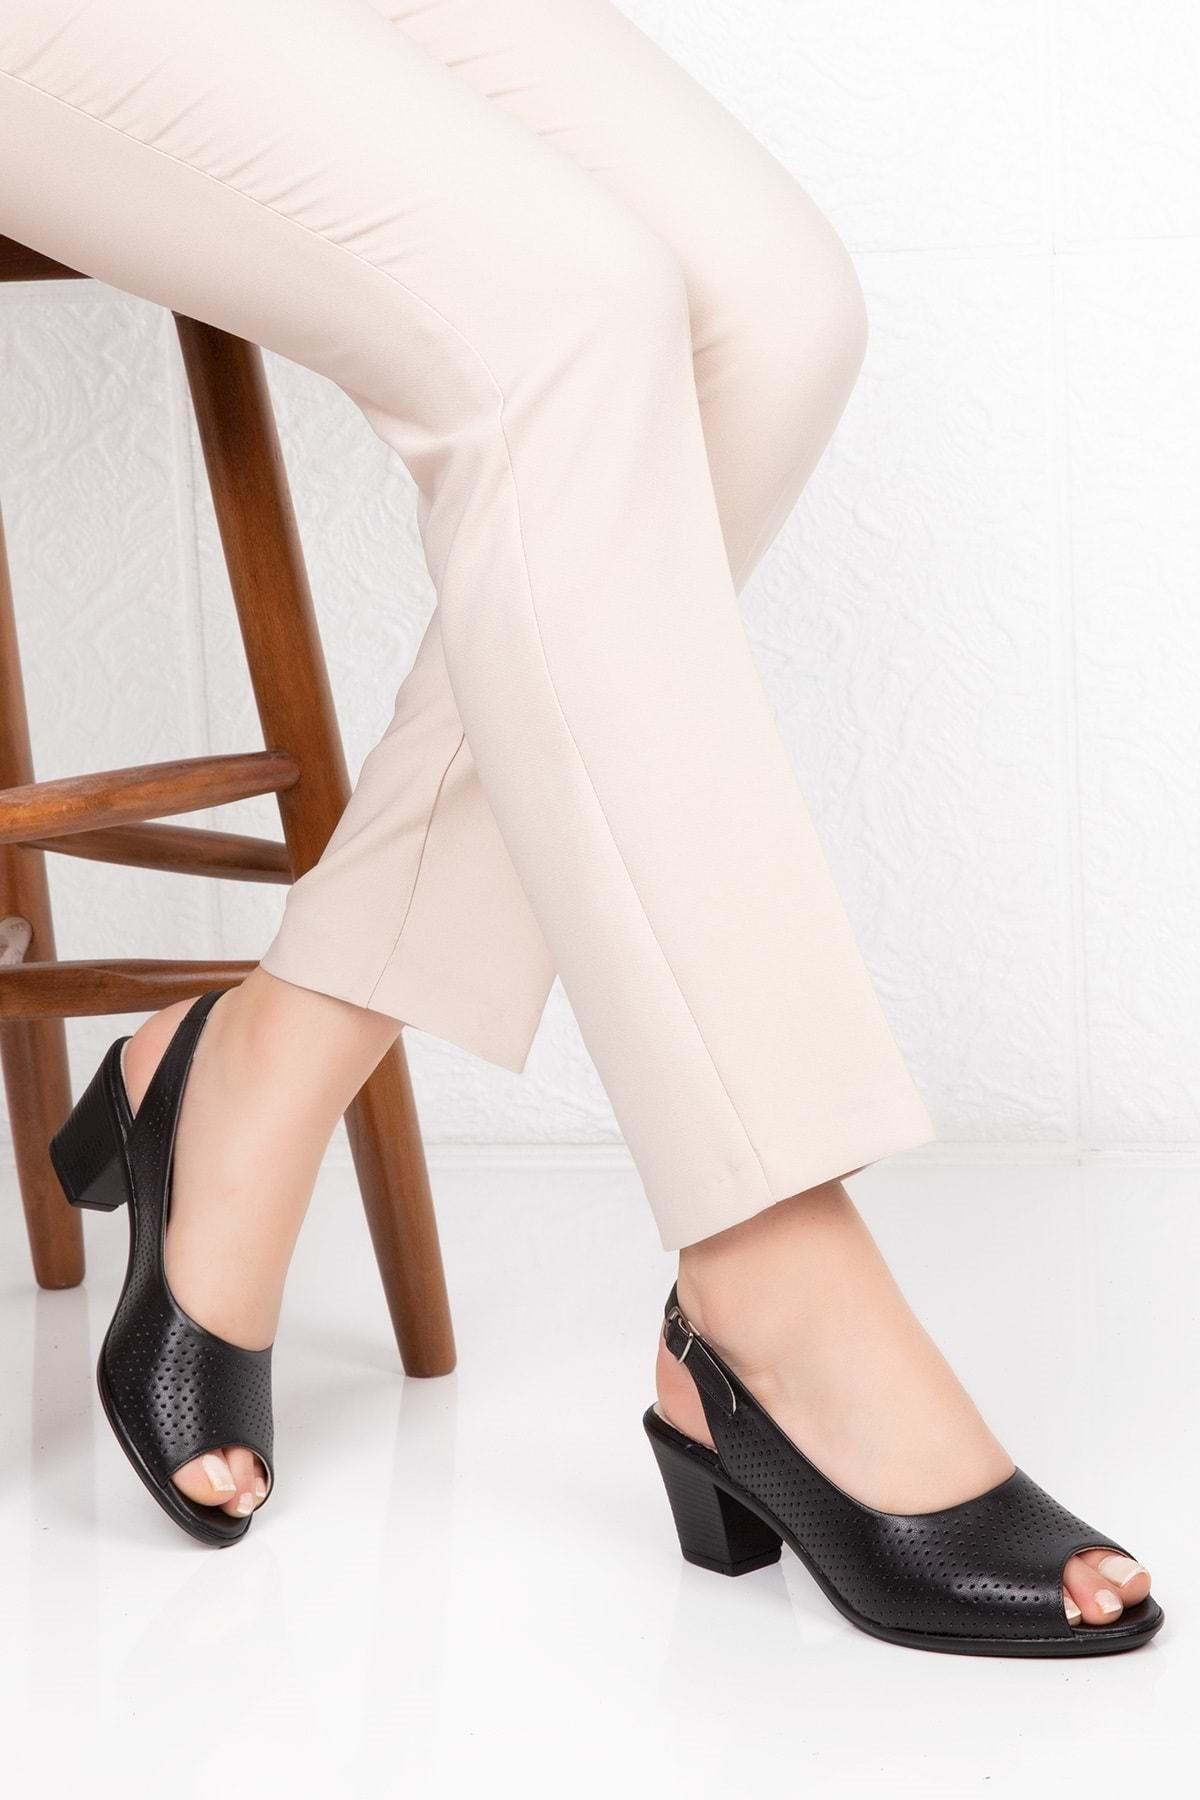 Gondol Kadın Siyah Deri Topuklu Ayakkabı 1